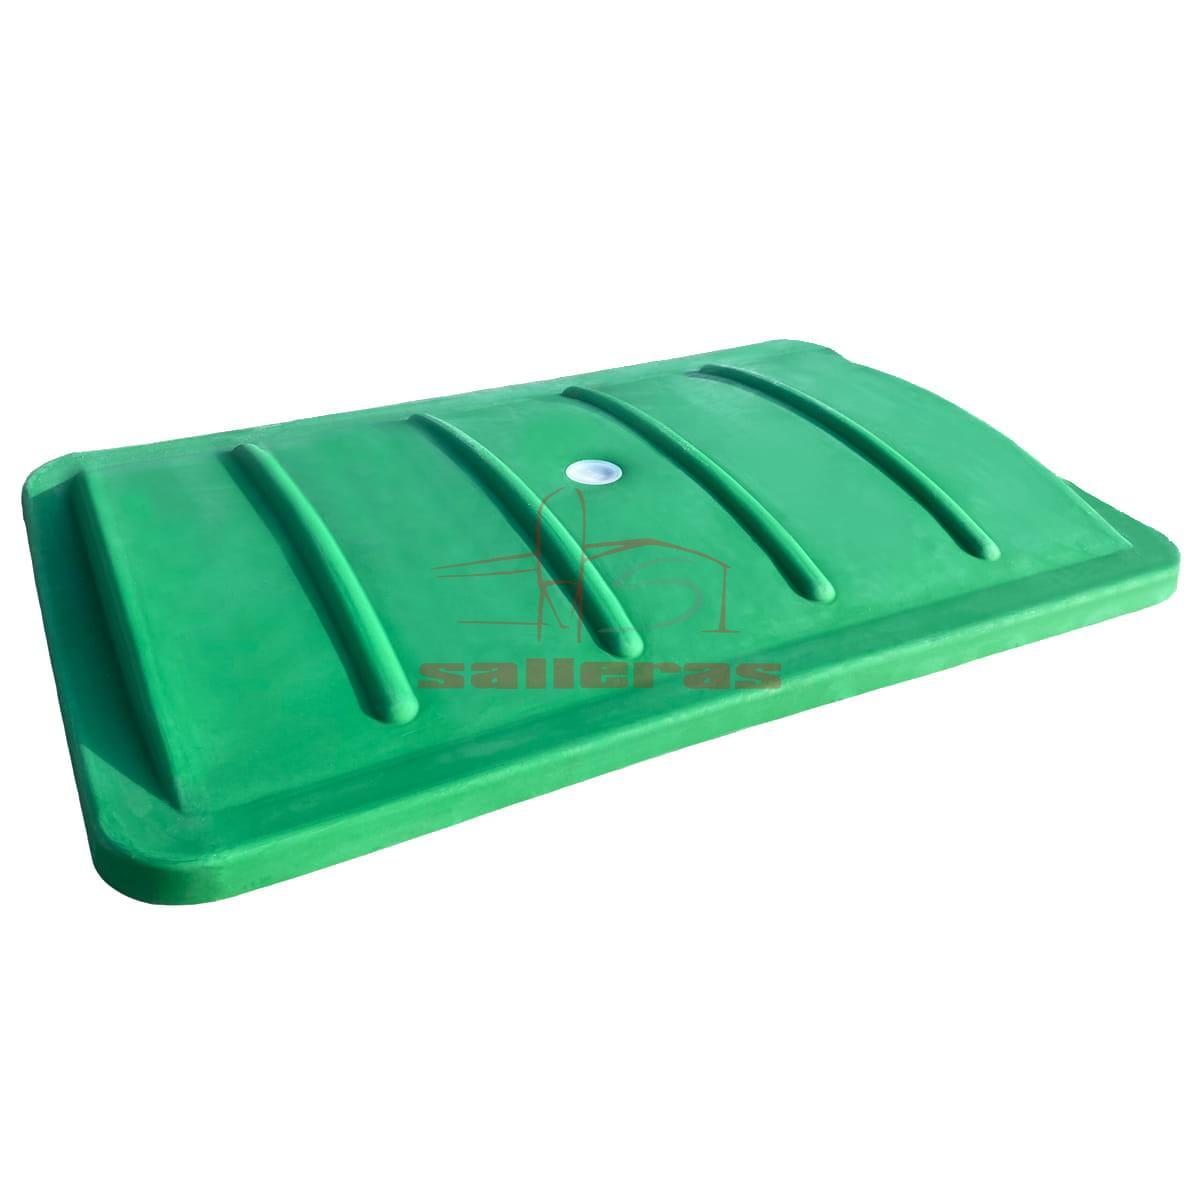 Tapa verde para contenedores de plsatico de 950 litros